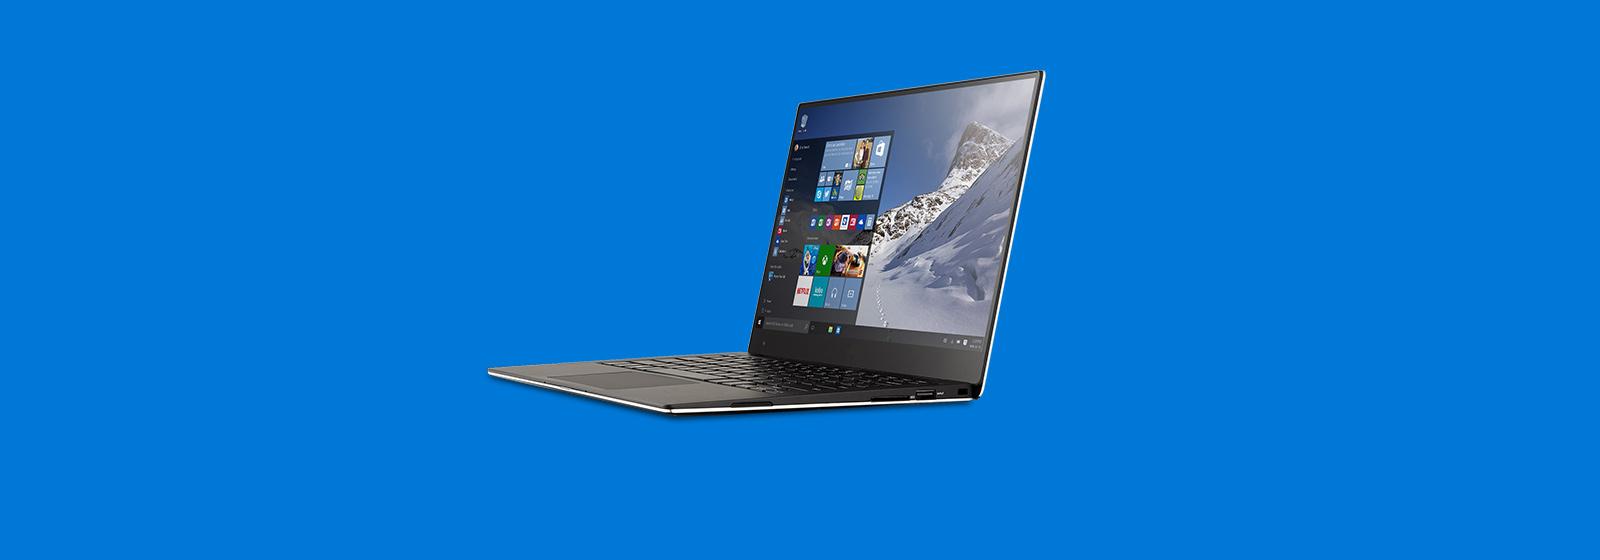 Stiže Windows 10. Saznajte više.